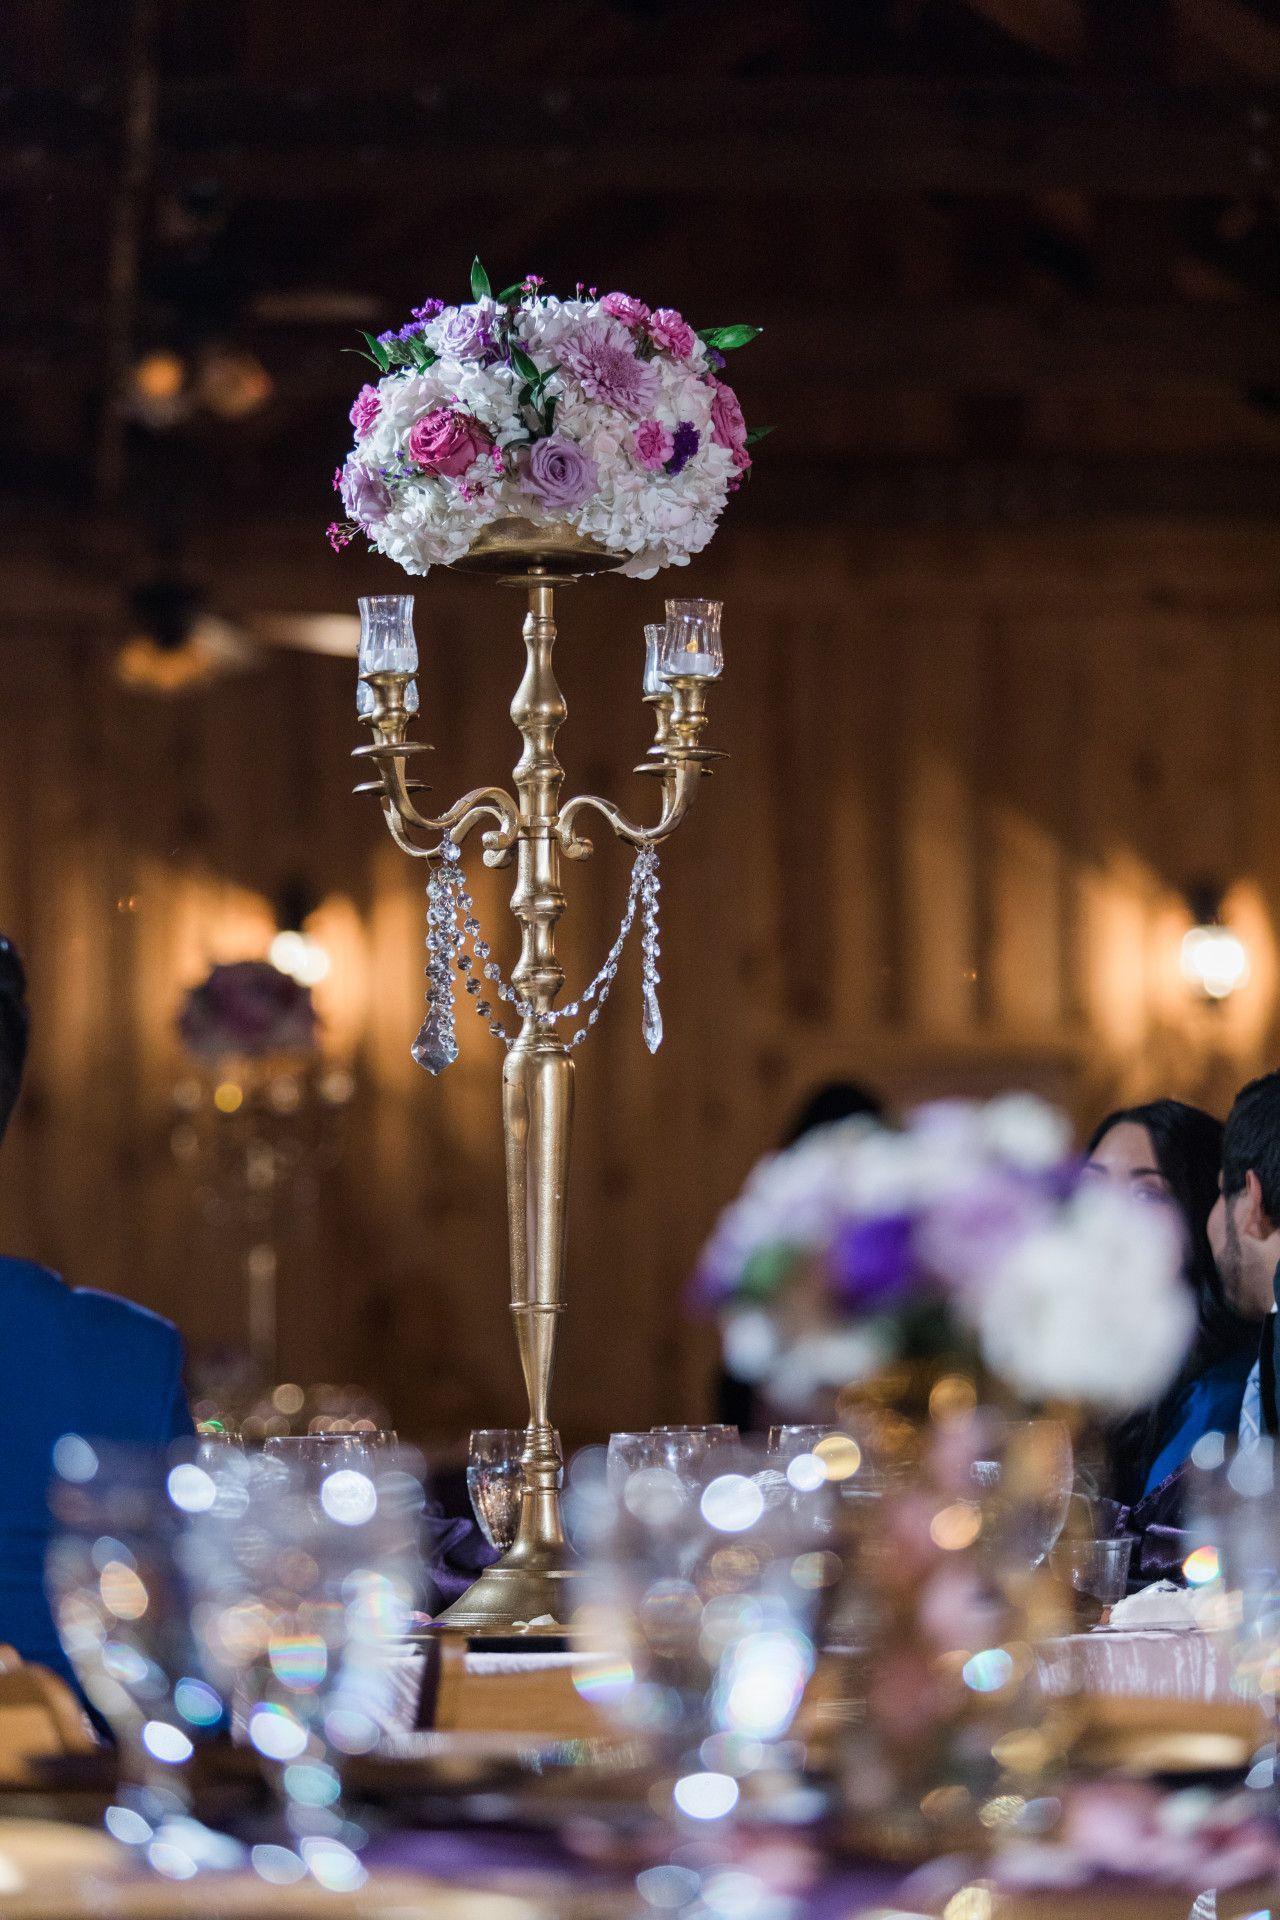 Elegant Lavender Wedding Centerpiece - Luxury Lavender Wedding Table Centerpiece